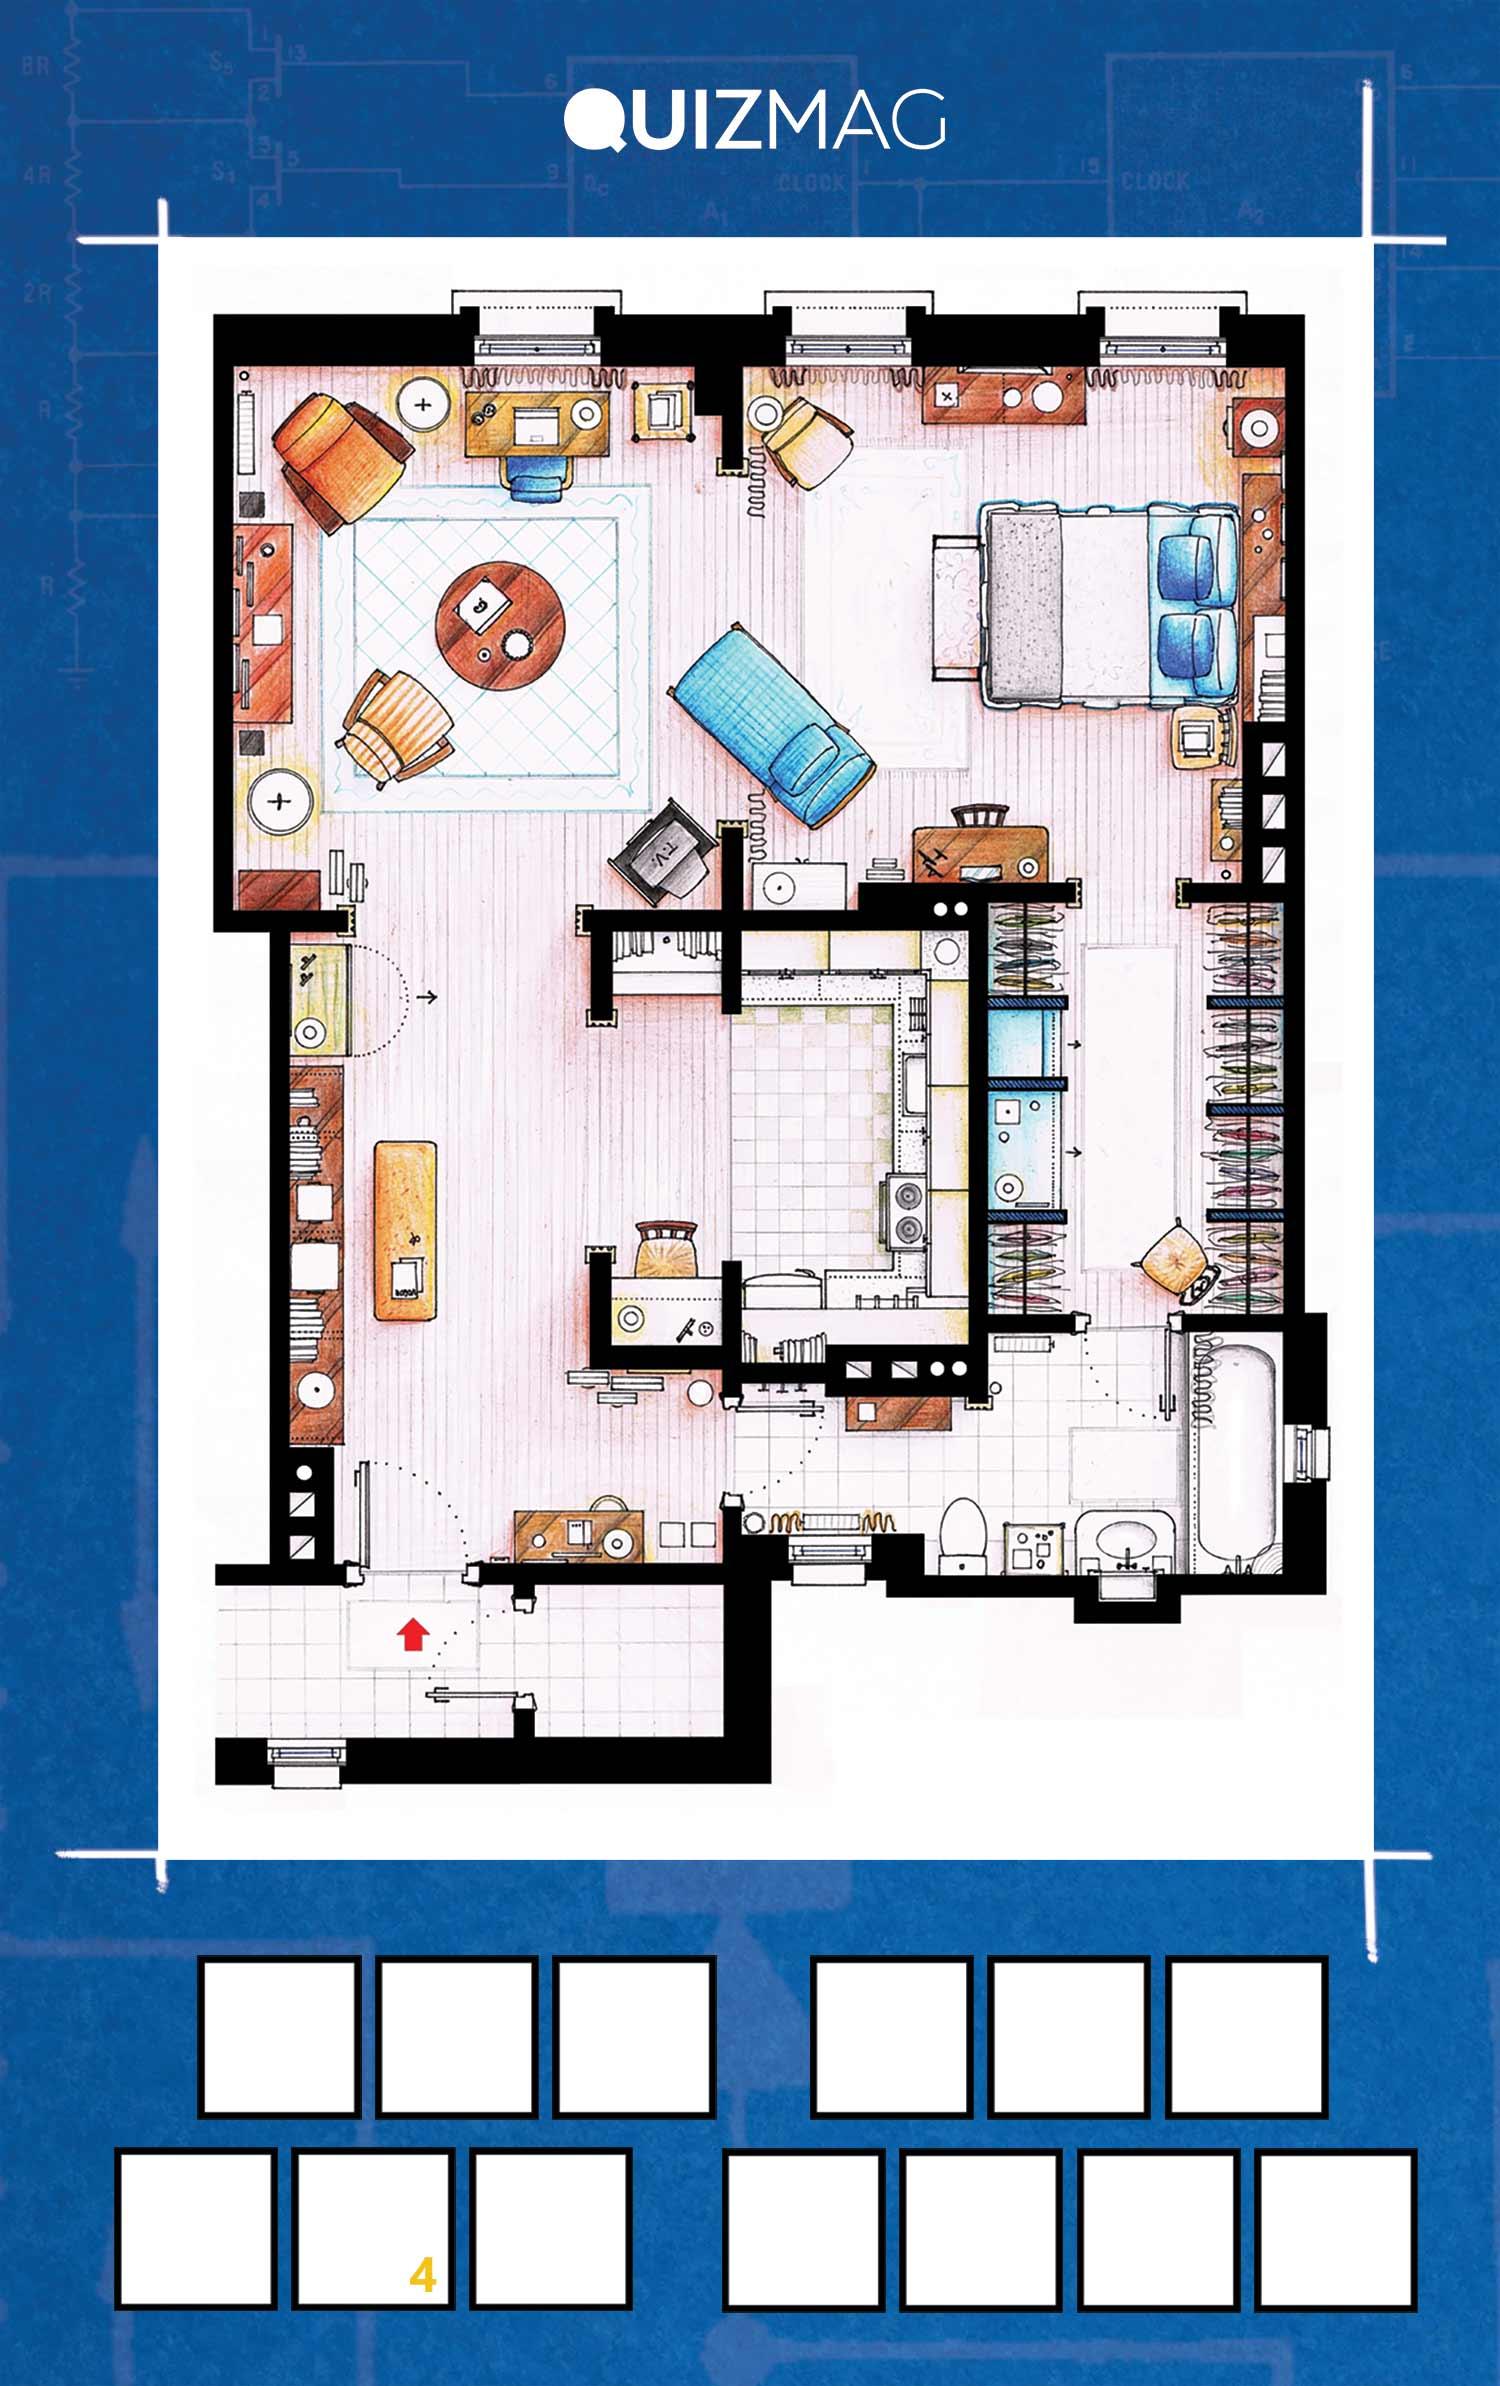 SerienGrundrisse_07 Erkennt ihr die Grundrisse dieser Serienwohnungen?